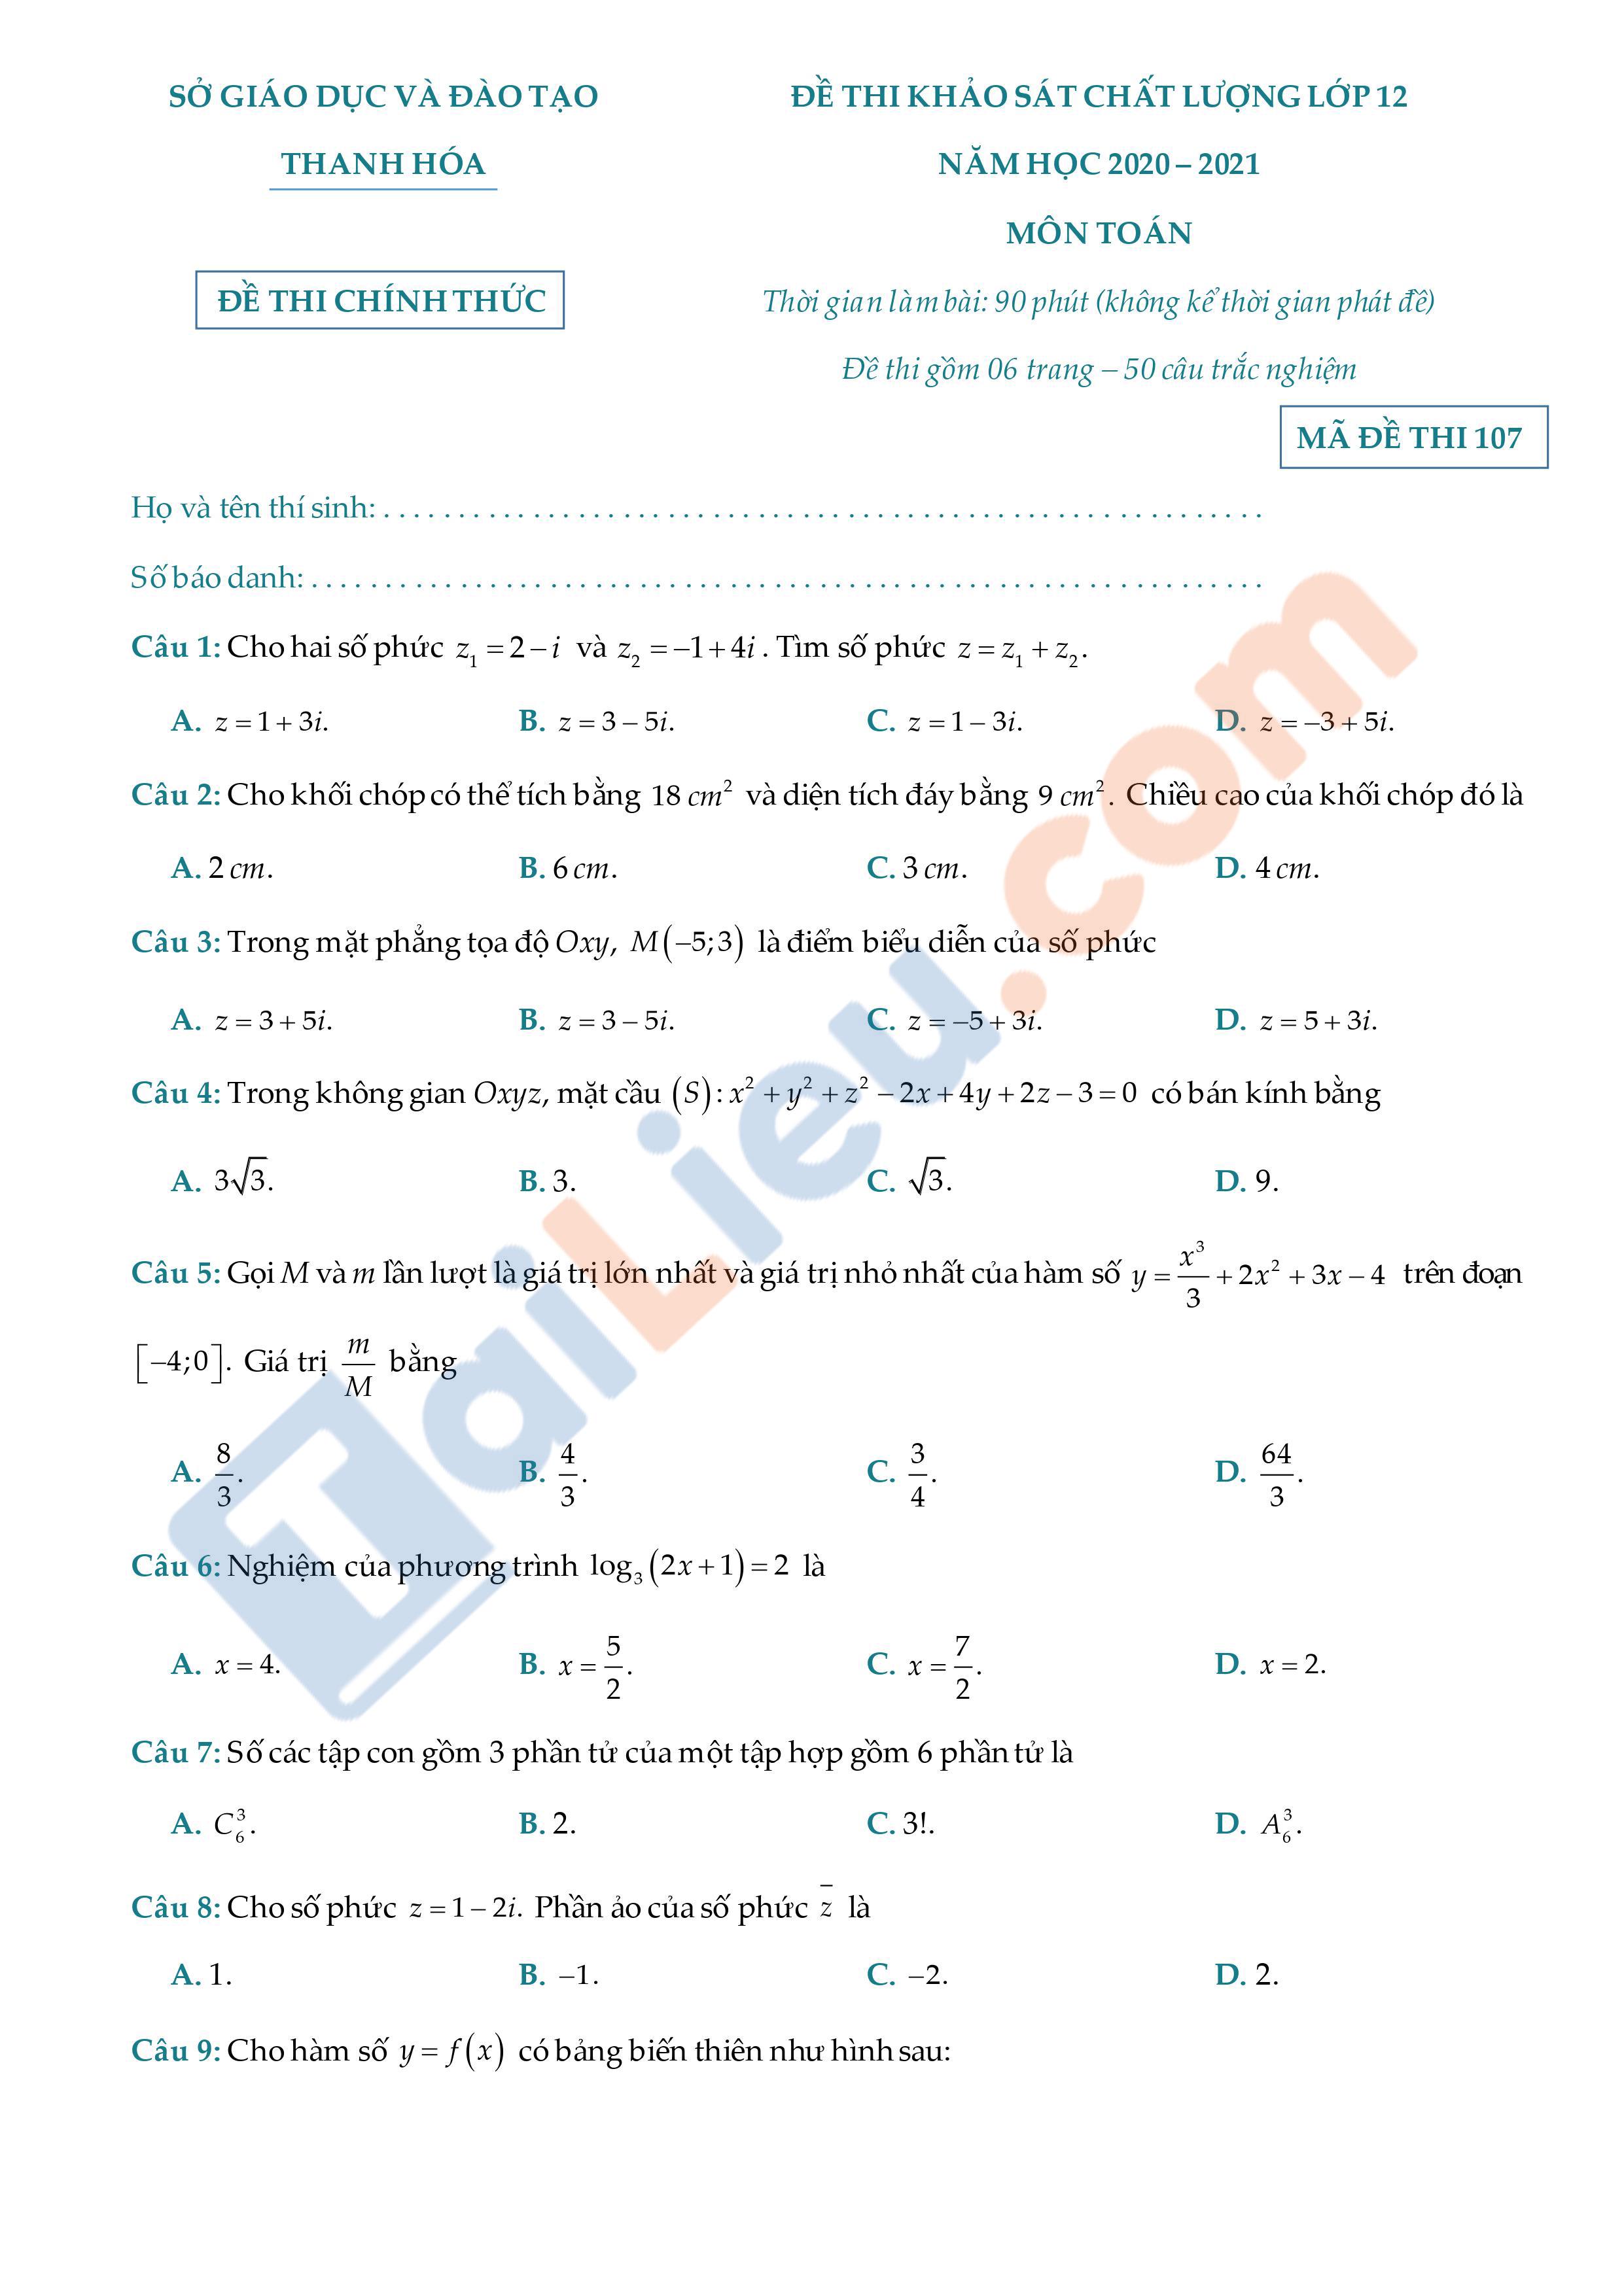 Đề thi KSCL lớp 12 năm 2021 môn Toán Sở GD&ĐT Thanh Hóa